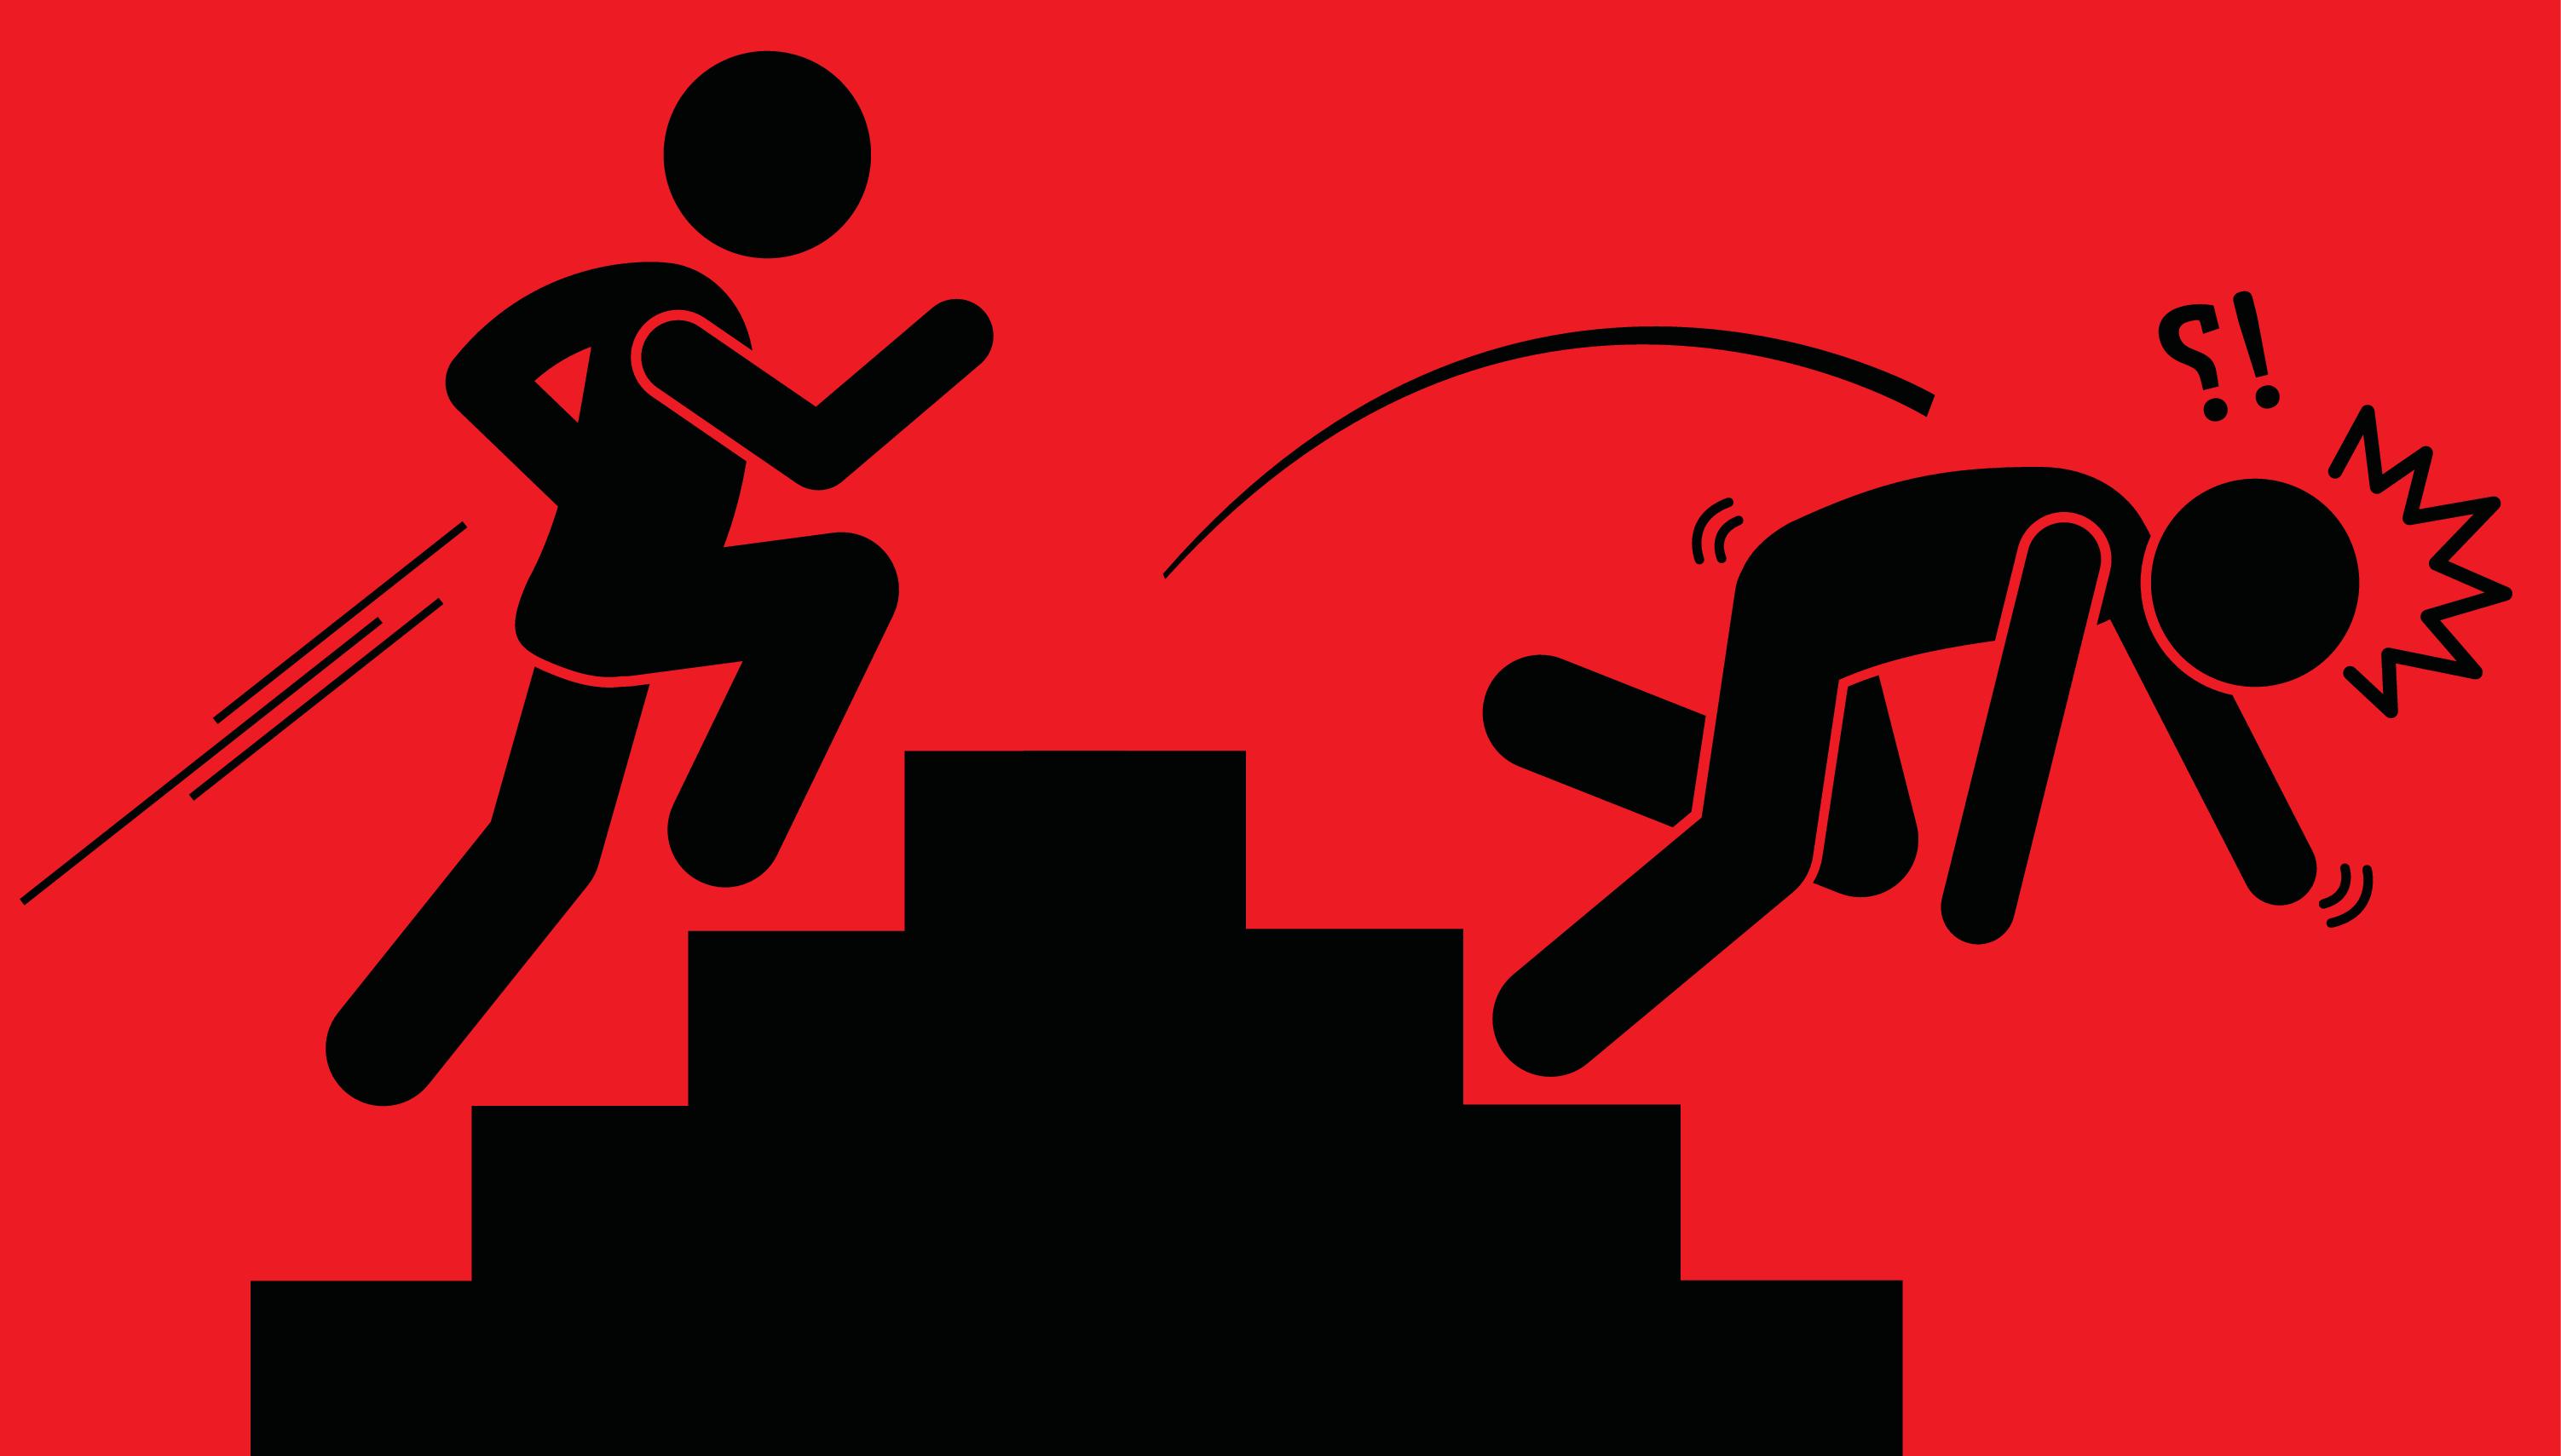 Najbogatejši Slovenci: Skoki in padci, nekateri tudi navidezni